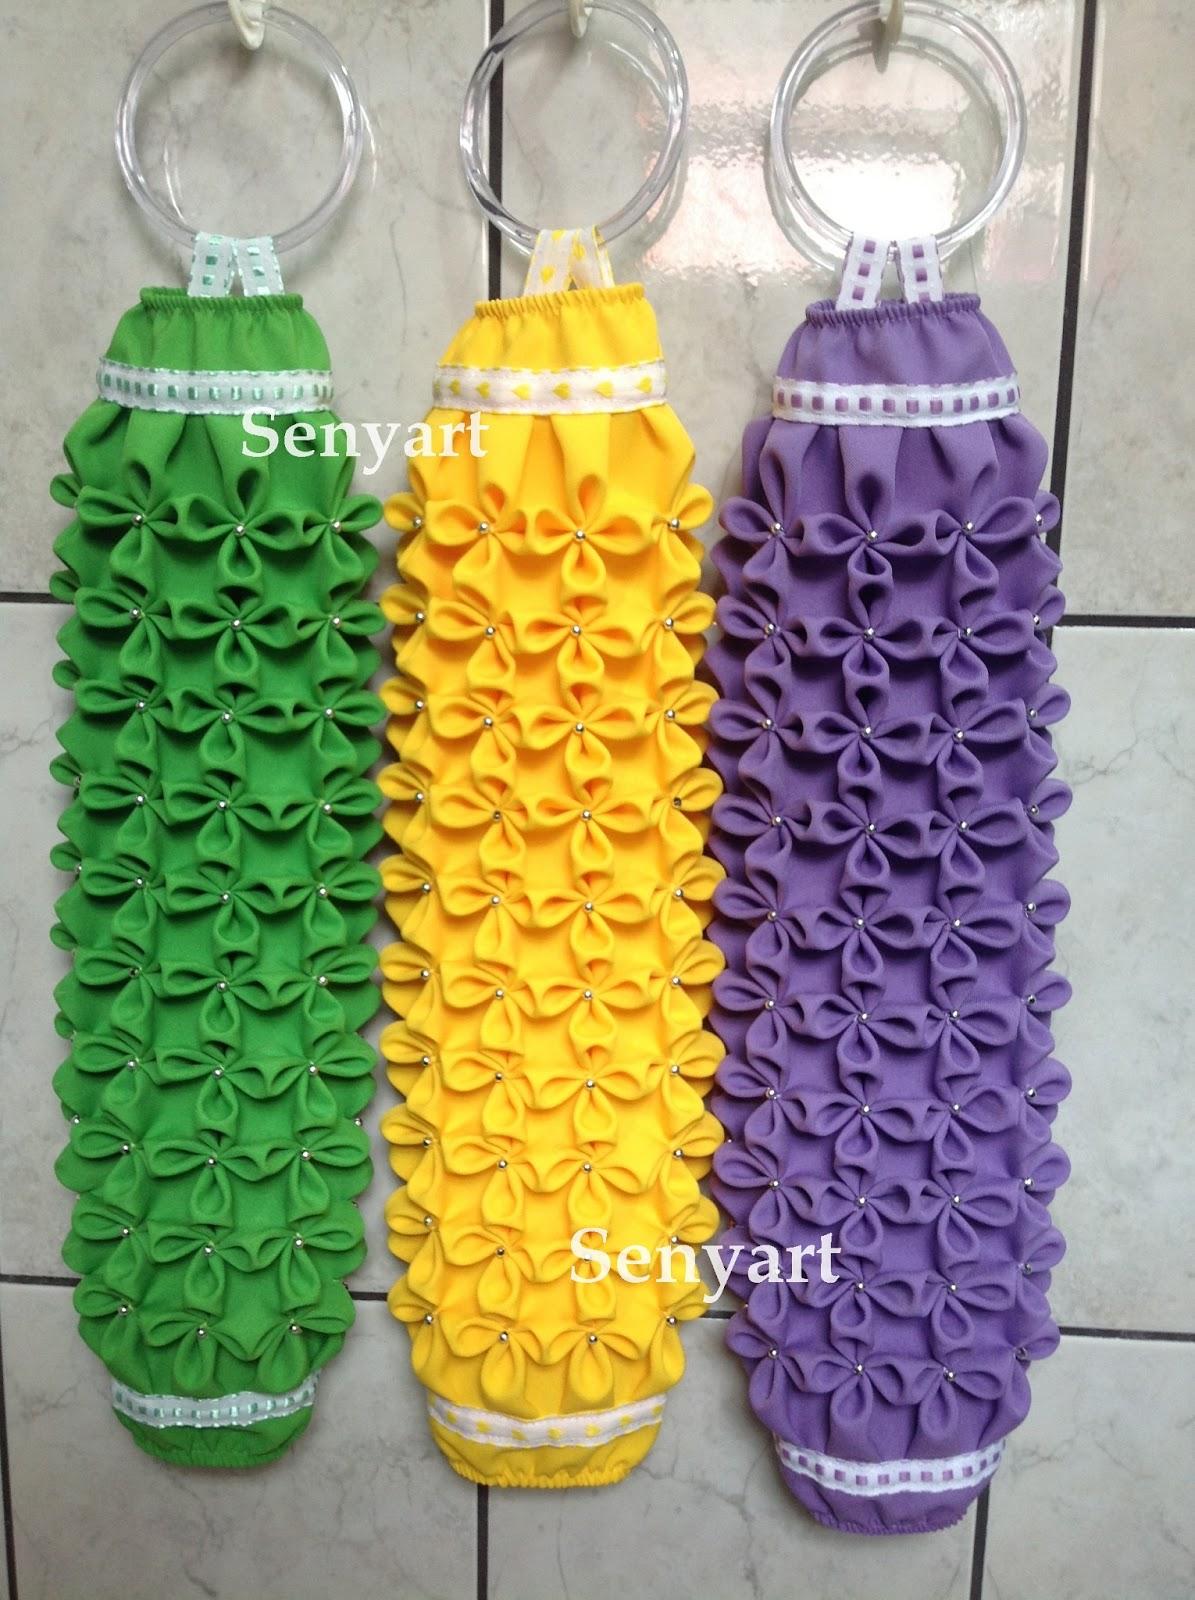 Juegos De Baño Drapeados:cores, verde,amarelo,lilas, puxa saco, capitone